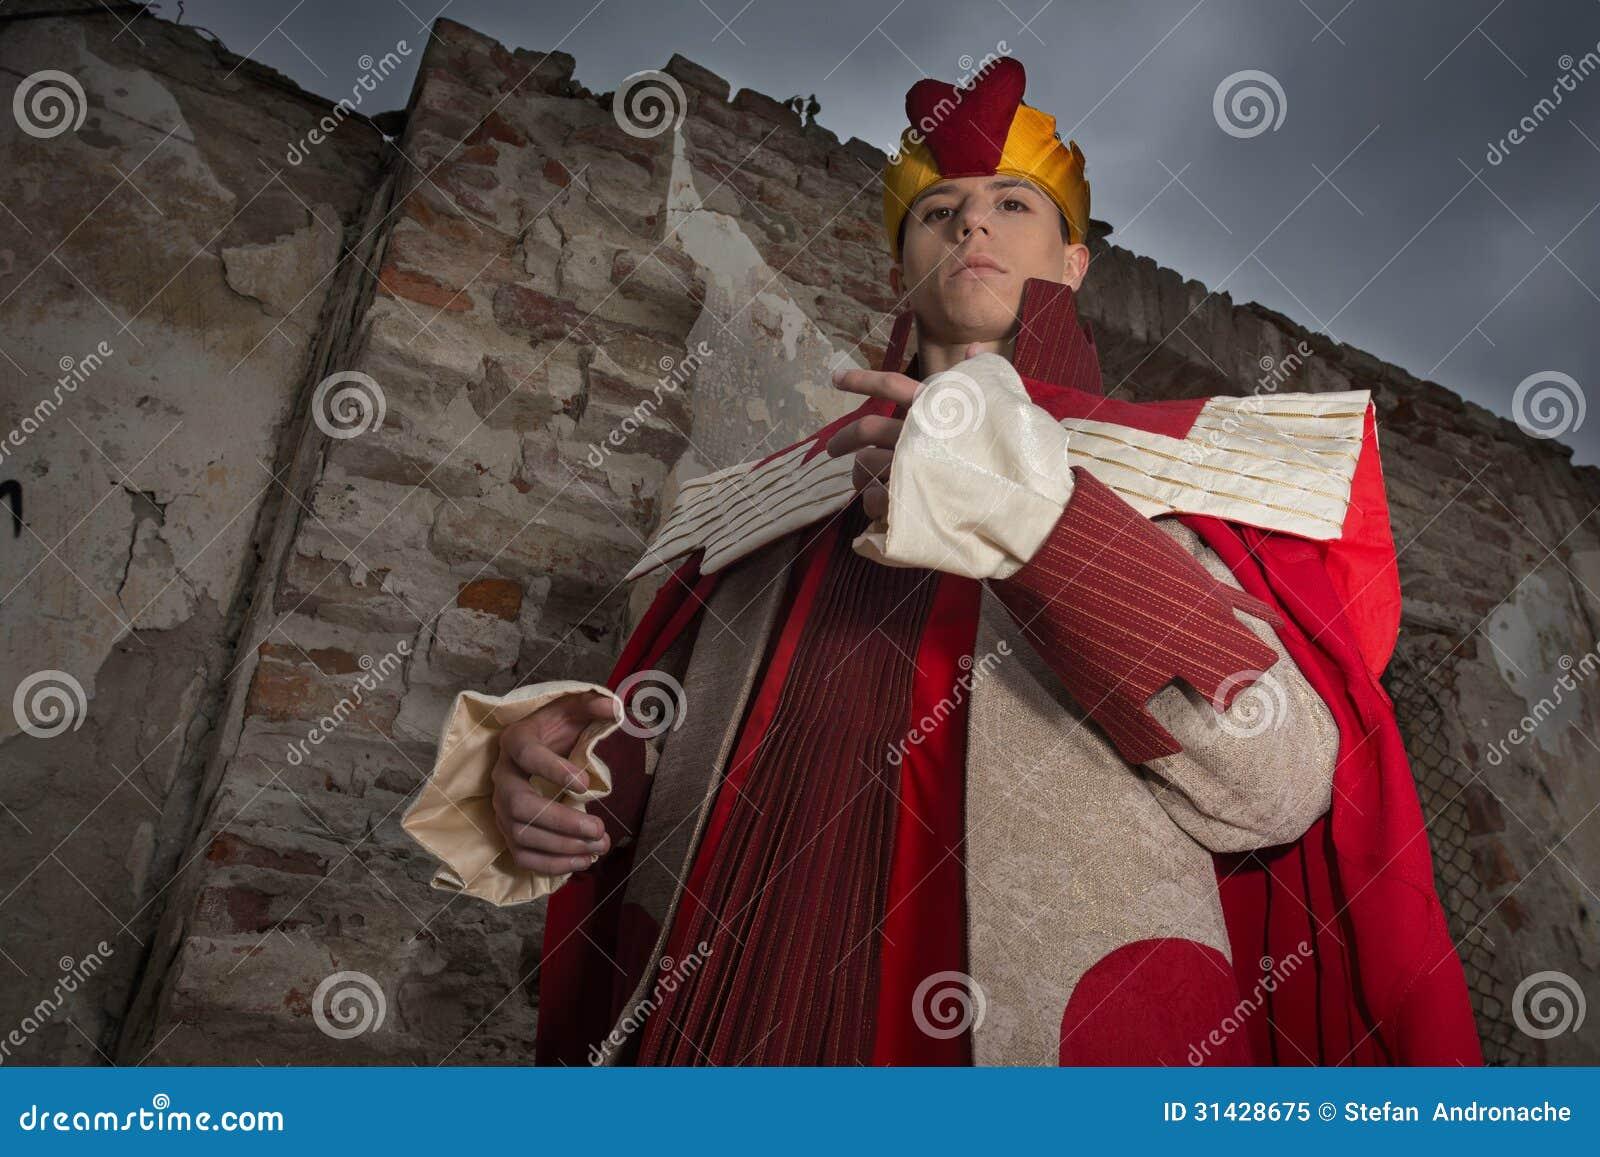 Hombre joven vestido como rey